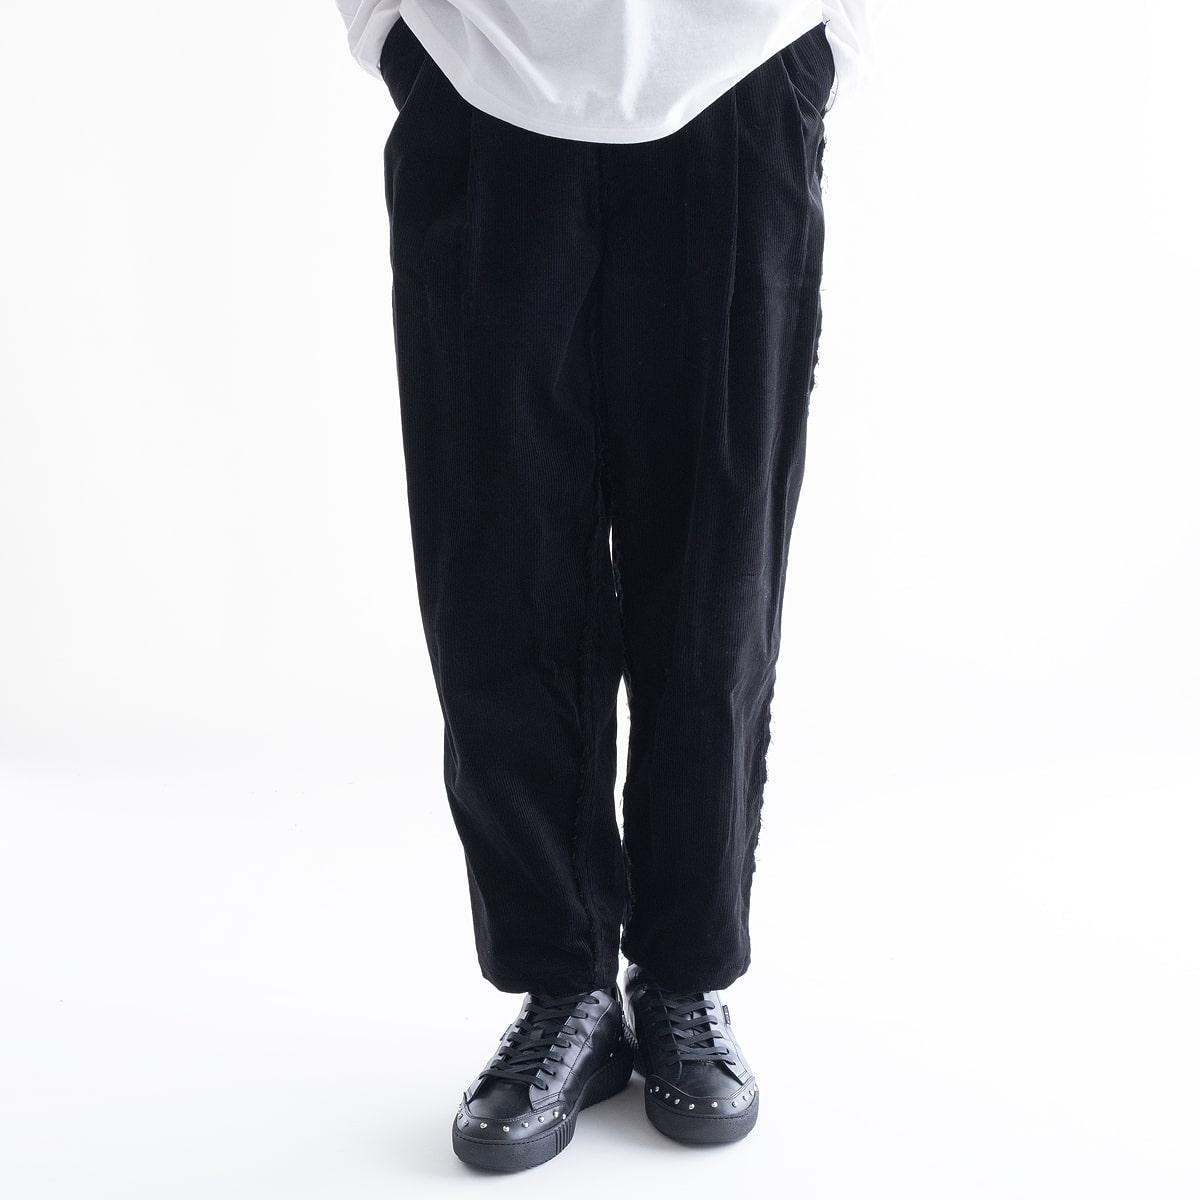 メンズファッション, ズボン・パンツ SALE 40OFF DISCOVERED BRISBANE MOSSPANTS (BLACK) DC-AW19-PT-02